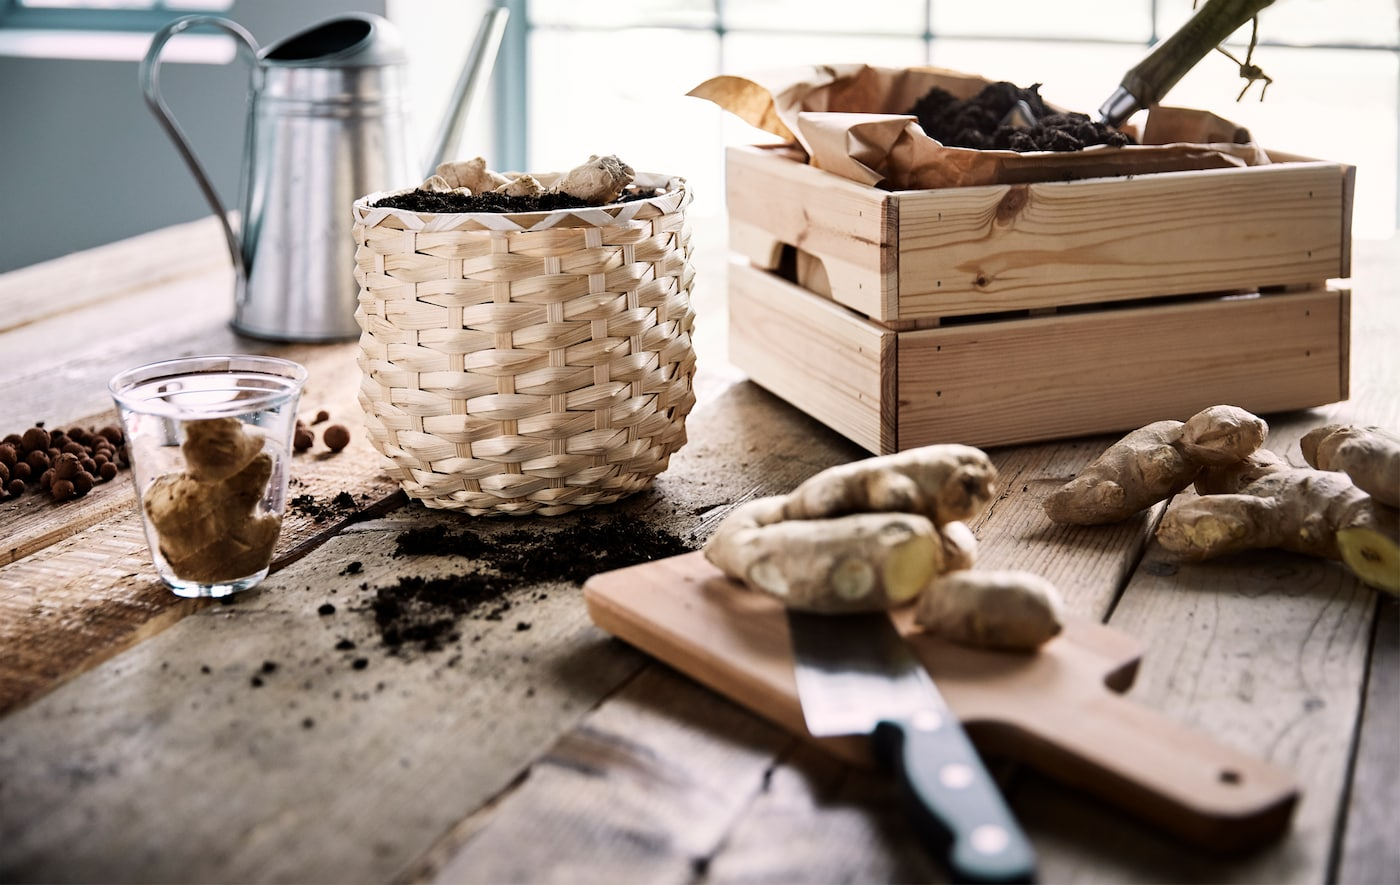 Racines de gingembre sur le point d'être plantées dans un cache-pot en rotin à côté d'une boîte en bois dont l'intérieur est couvert de papier brun lequel est rempli de terreau, le tout sur une table en bois.